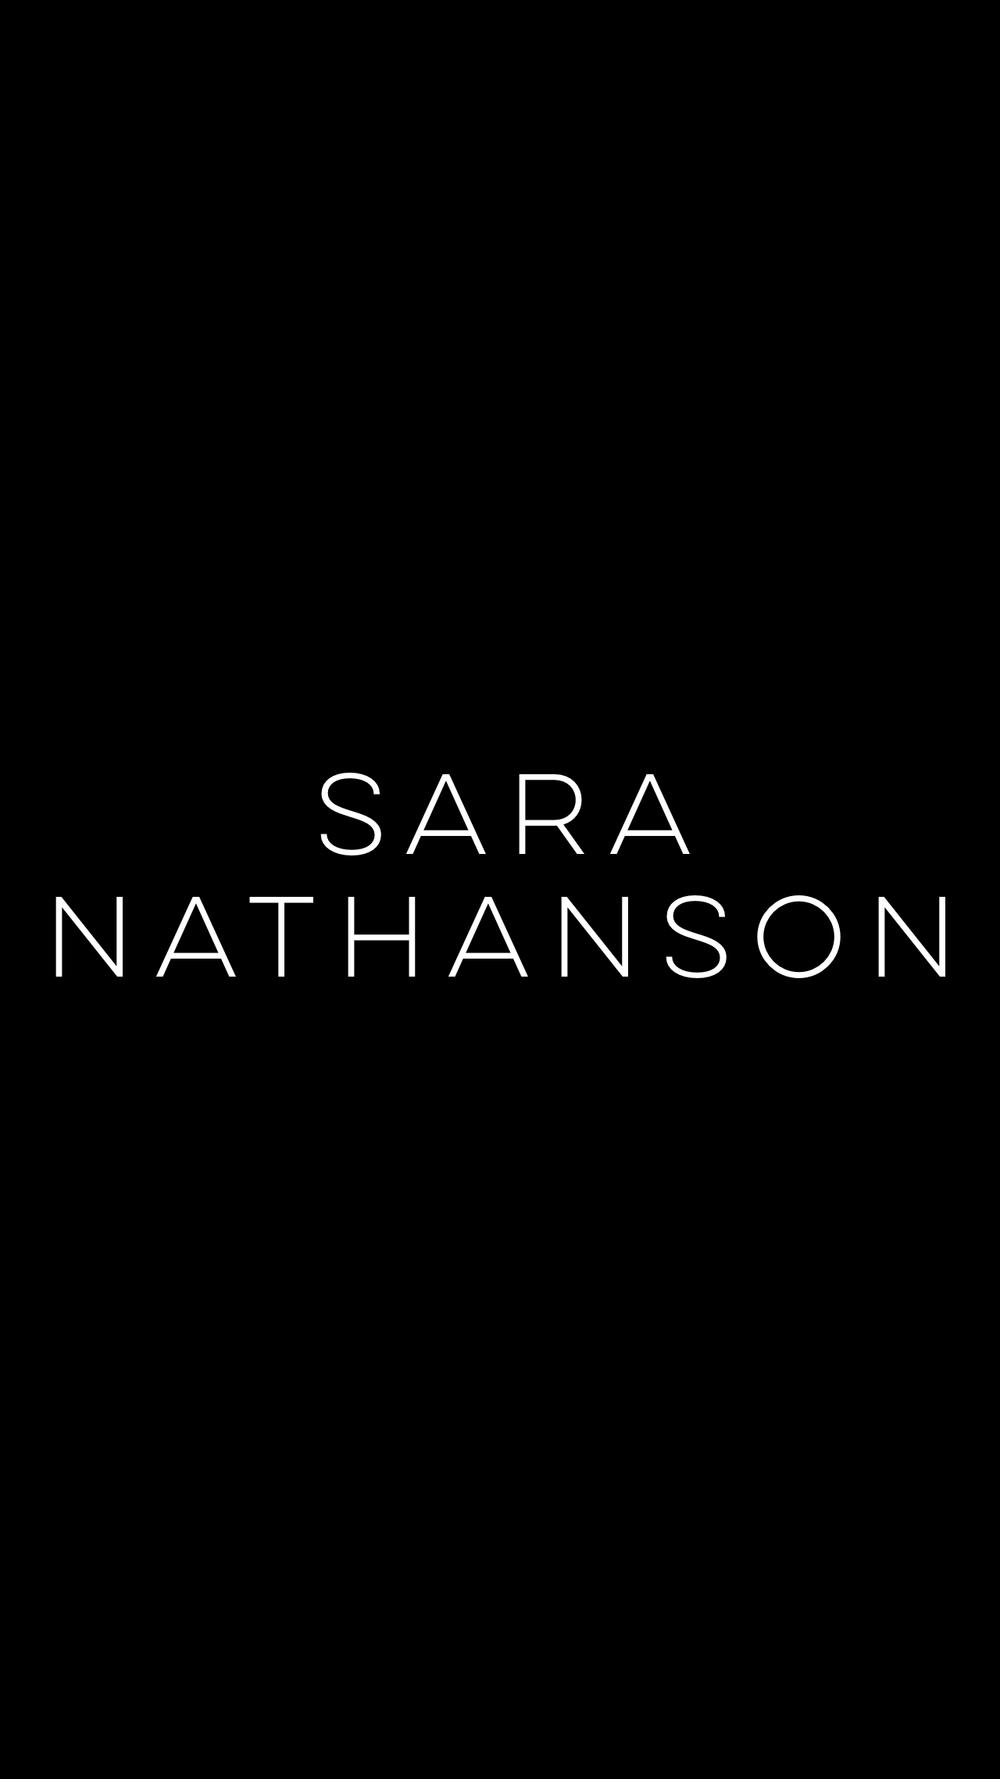 SARA NATHANSON.jpg